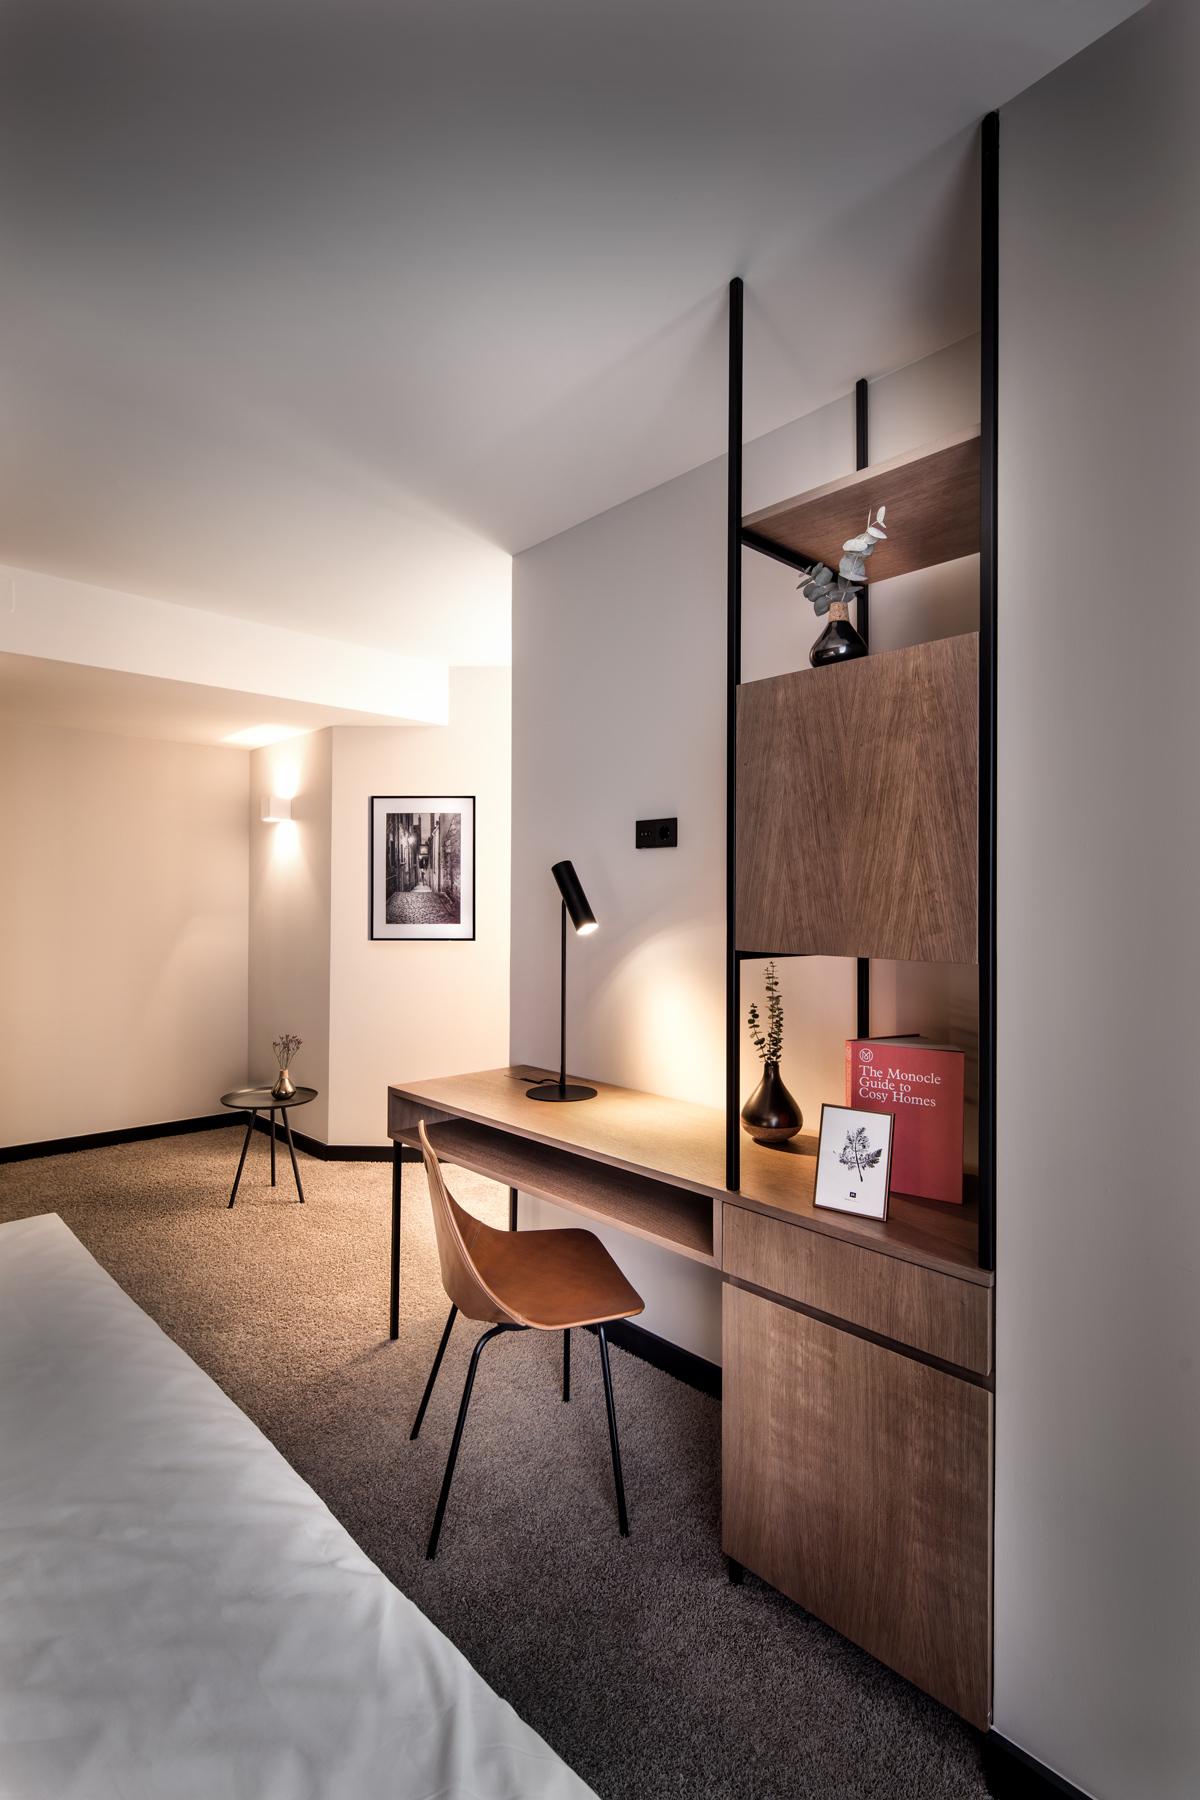 Hotel Domizil, Zimmer, Tisch